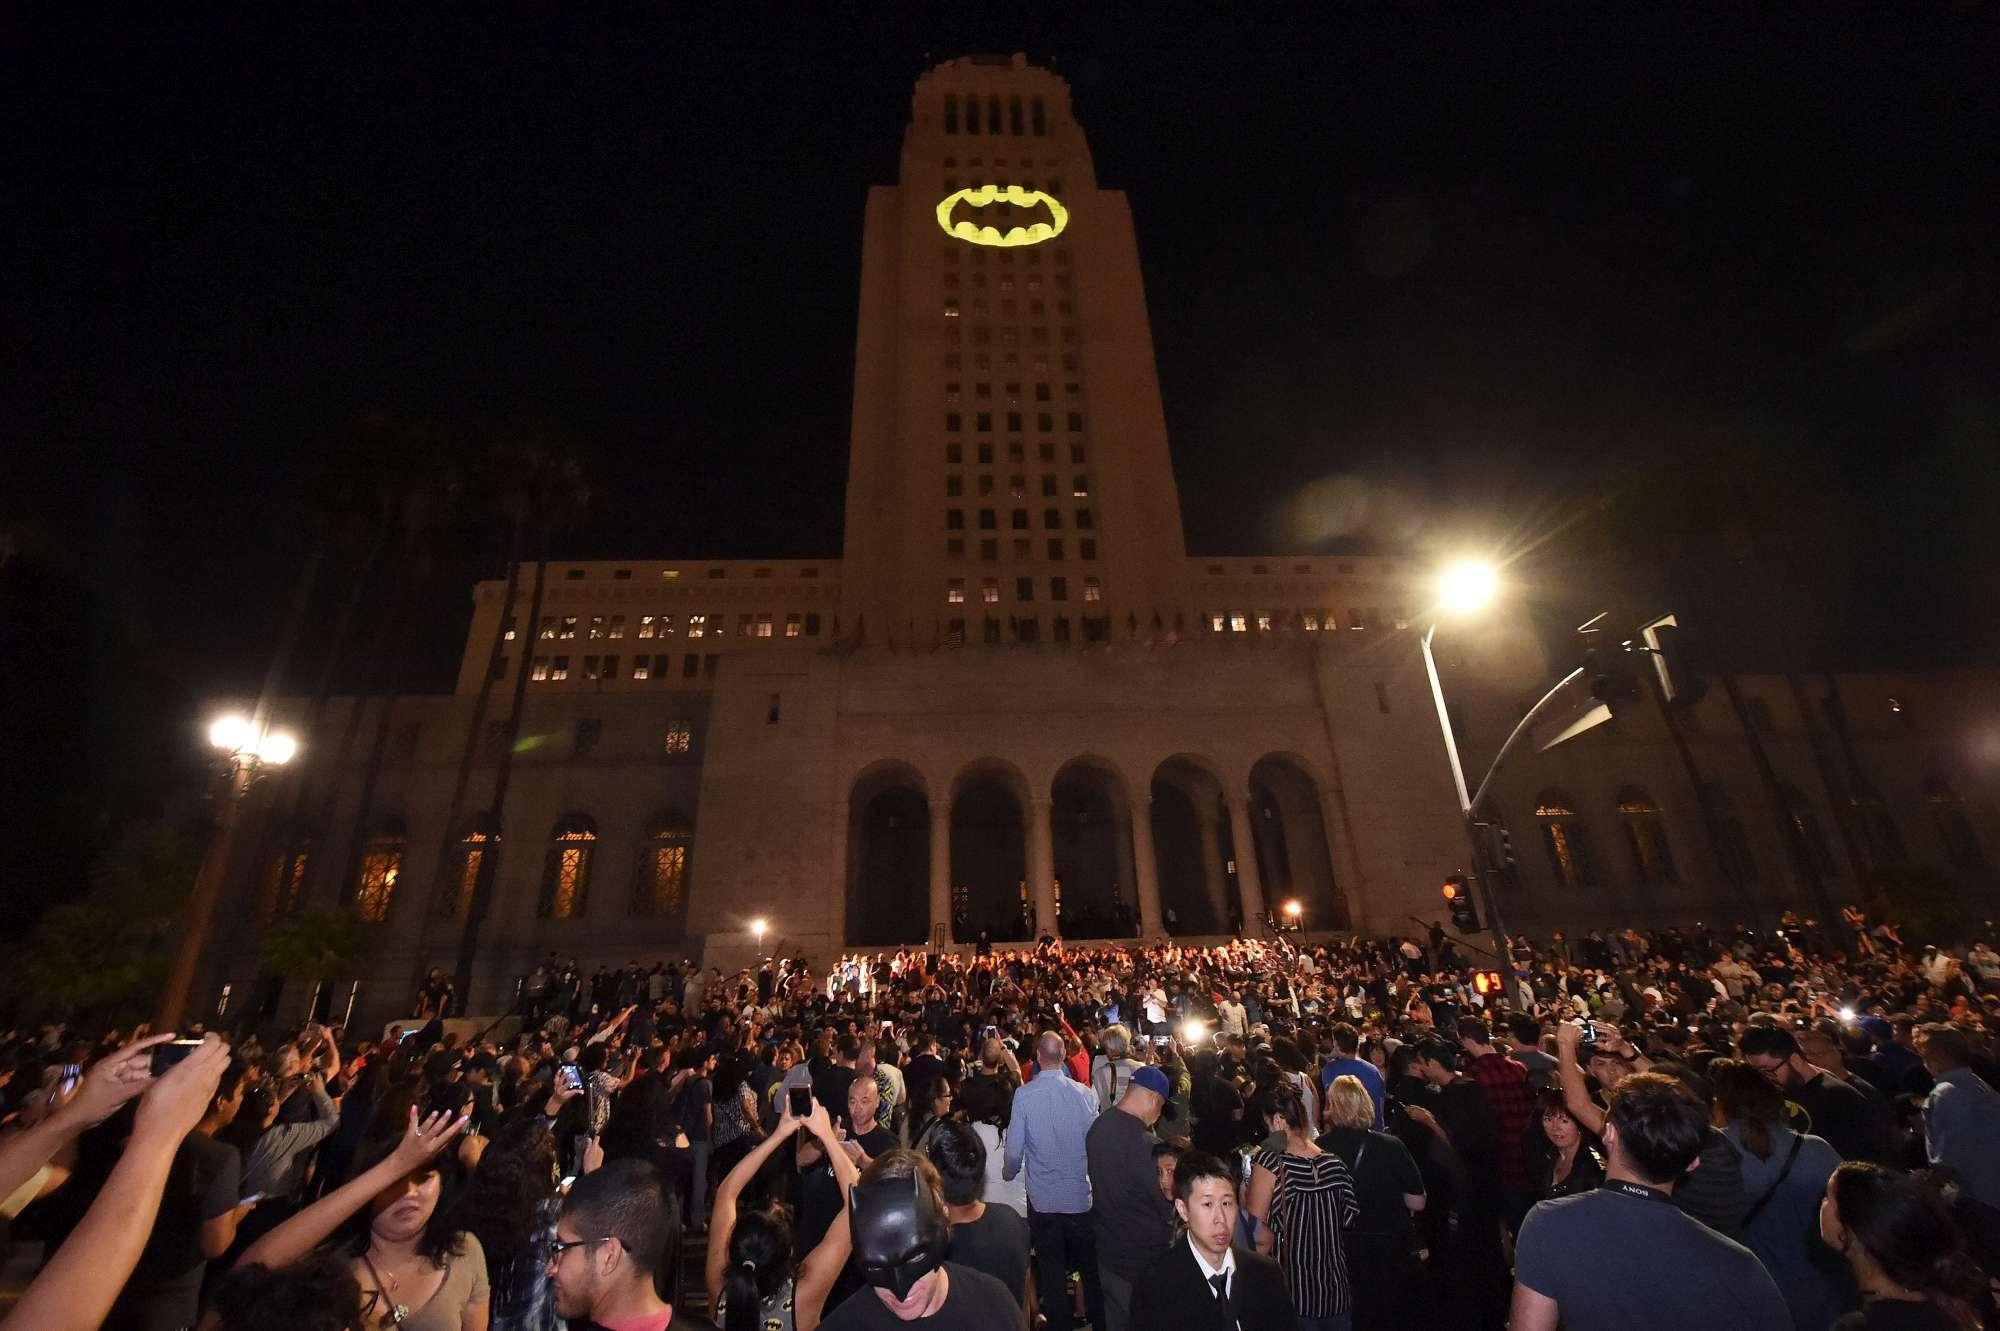 Los Angeles come Gotham City: la città accende il  Bat segnale  per Adam West